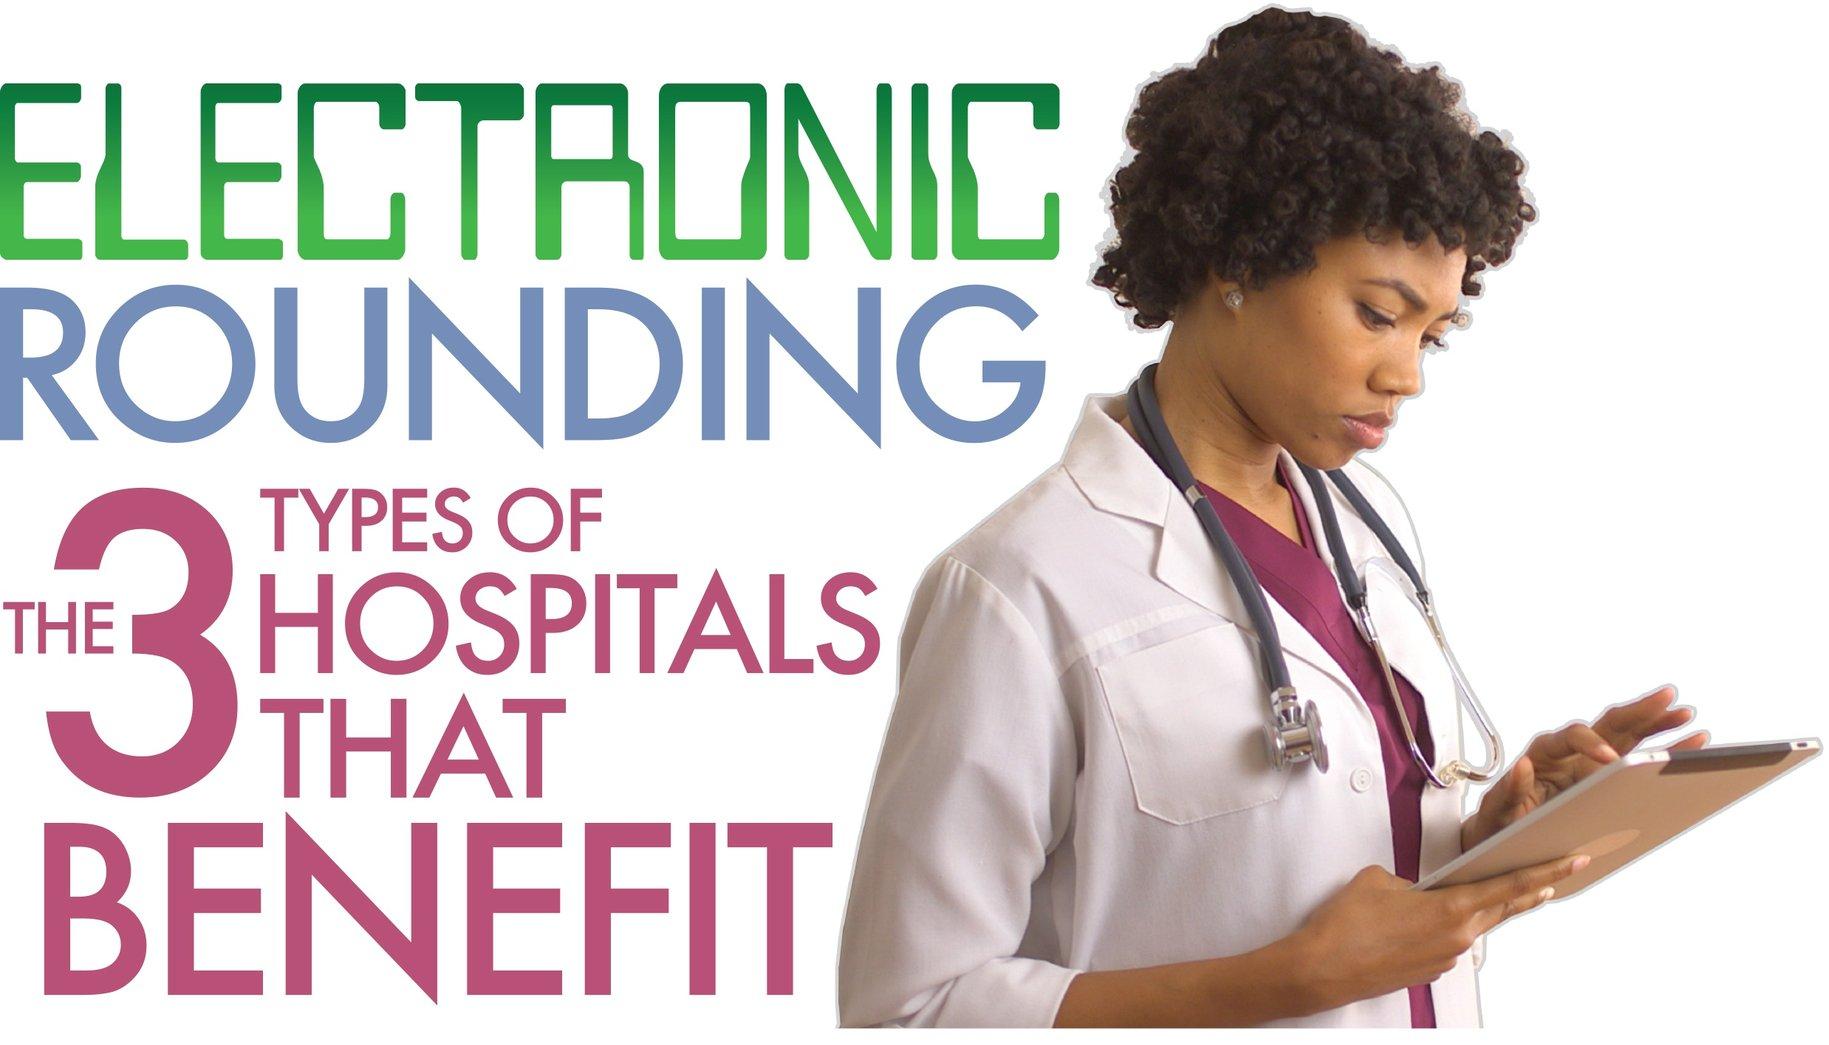 hospital electronic rounding